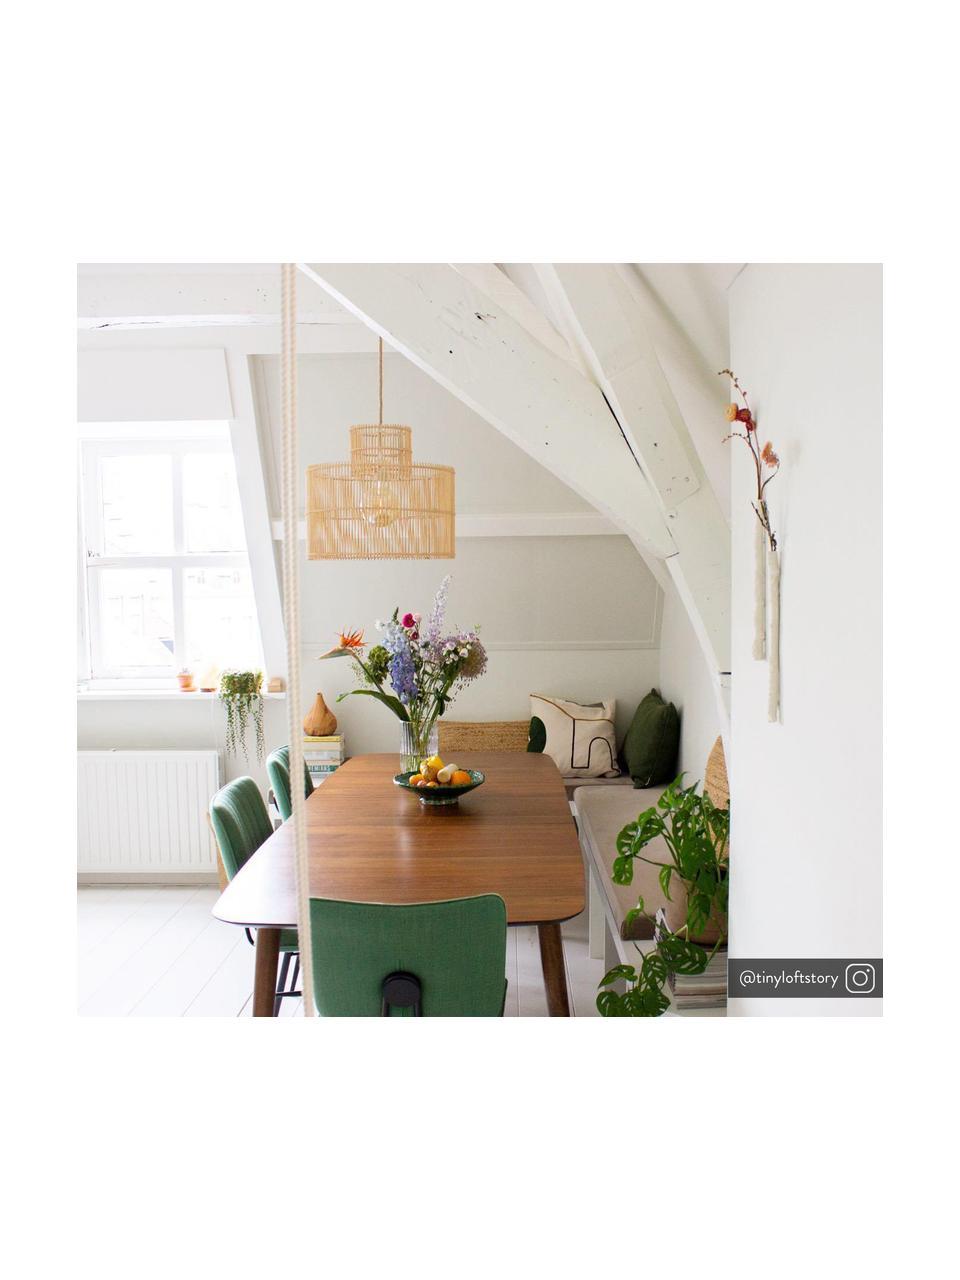 Ausziehbarer Esstisch Cirrus, 190 - 235 x 90 cm, Tischplatte: Mitteldichte Holzfaserpla, Beine: Eichenholz, klarlackiert, Eichenholzfurnier, B 190 bis 235 x T 90 cm